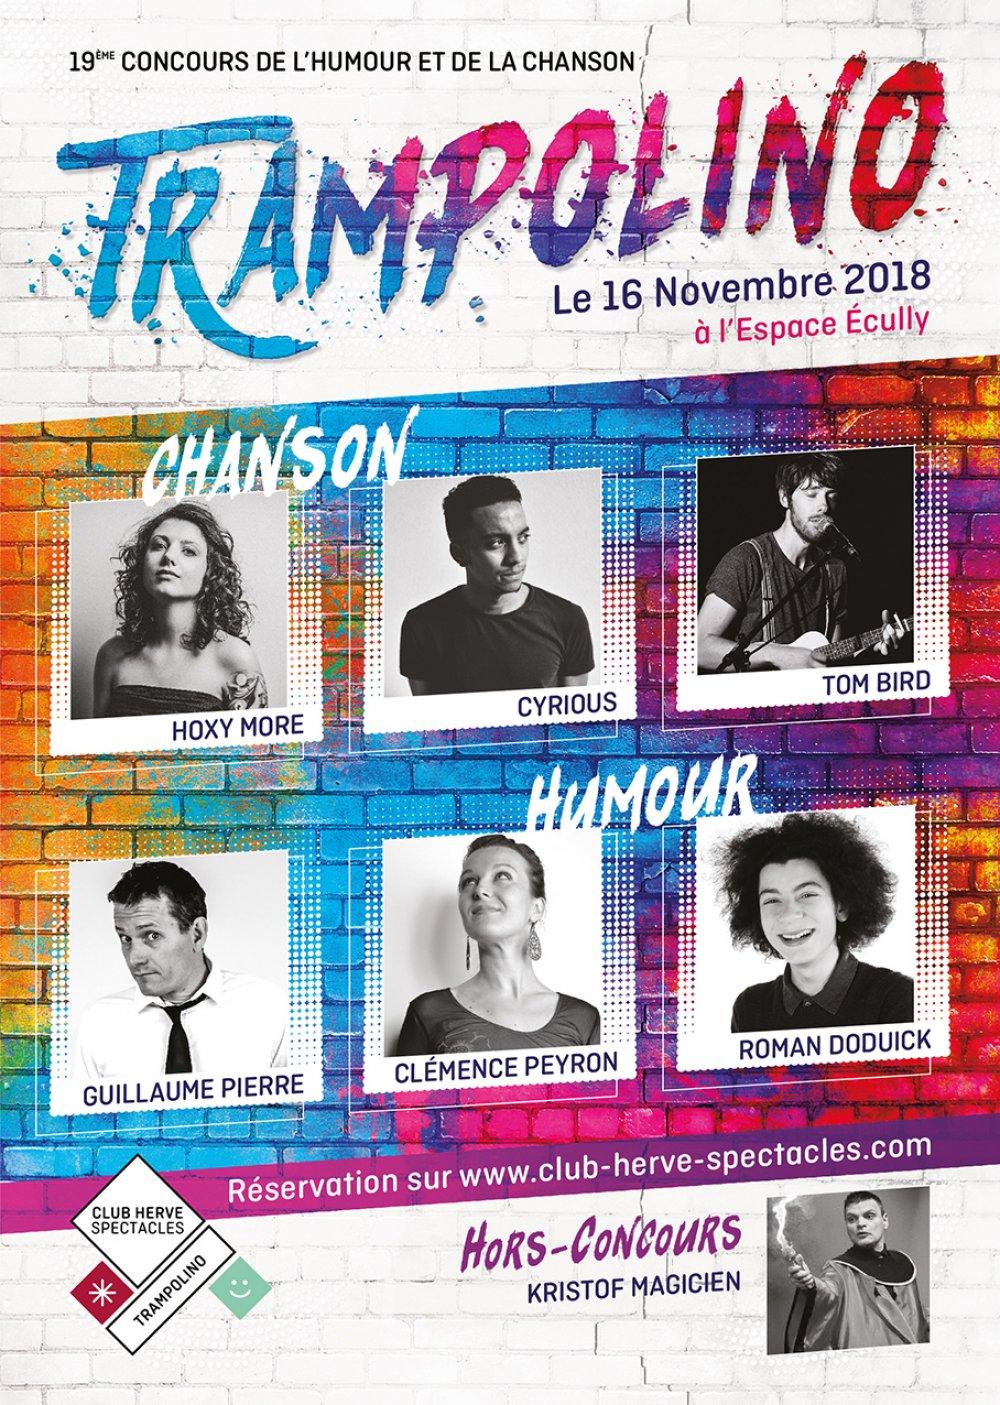 Trampolino 2018, le 16 novembre 2018 à l'Espace Ecully